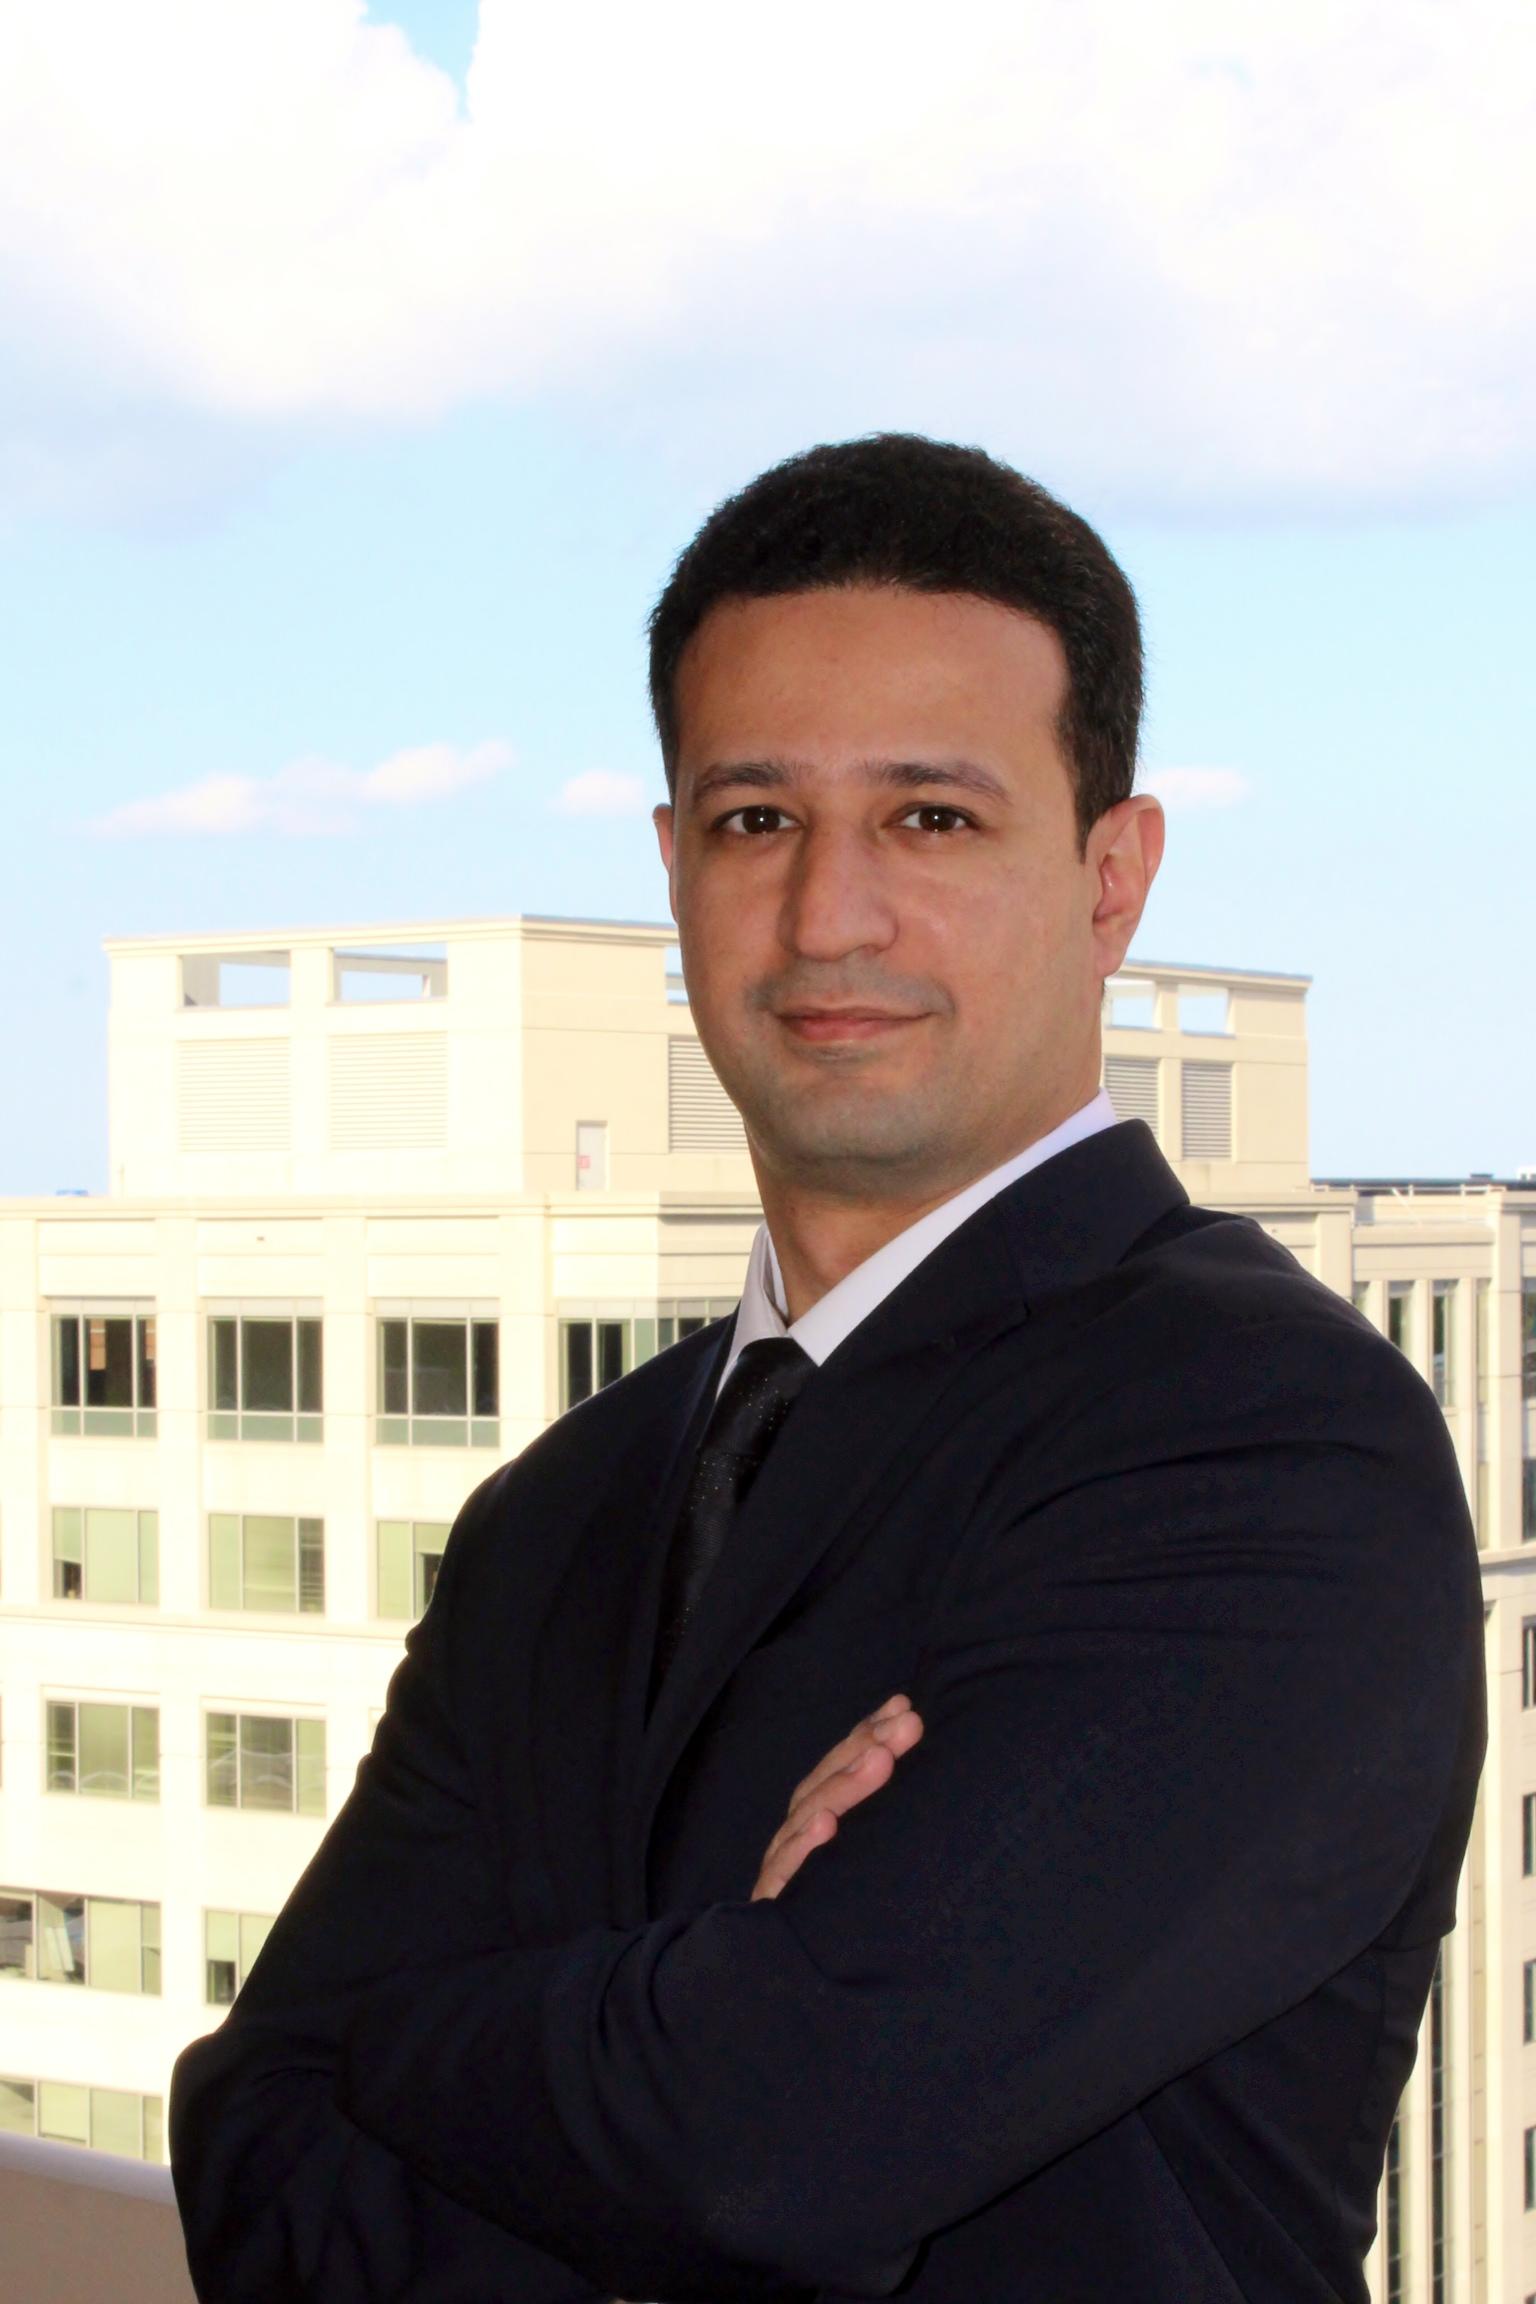 Adnan Bokhari headshot